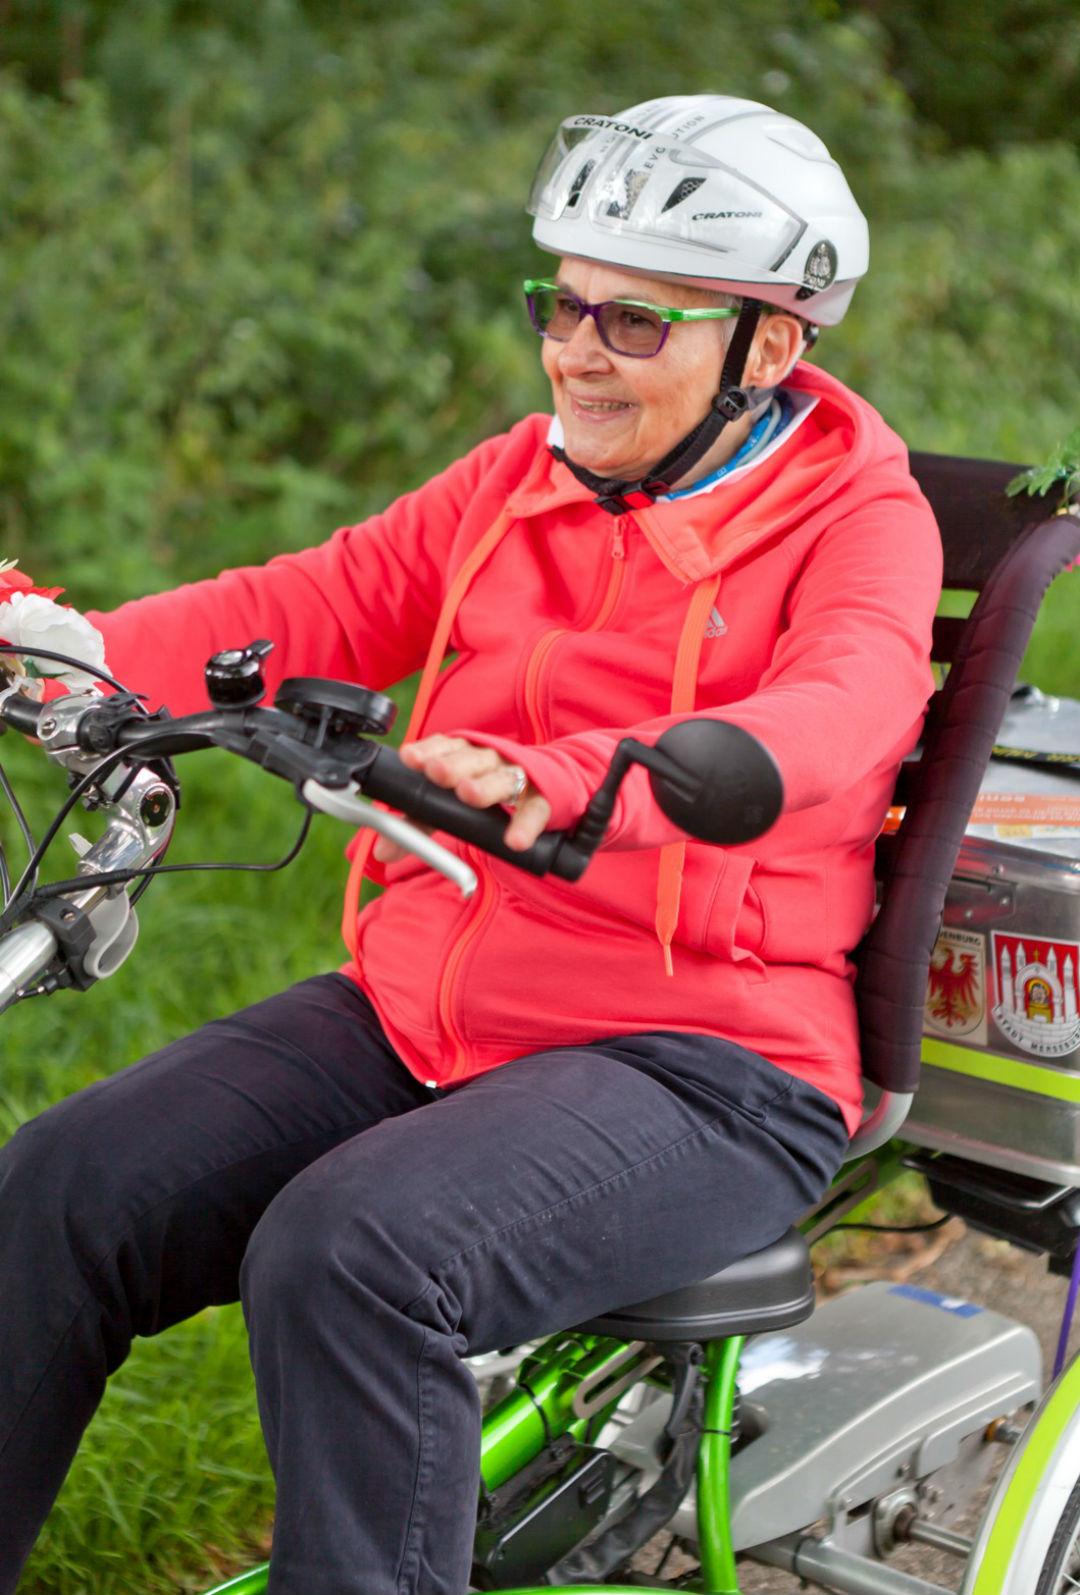 「德國長者獎」獲得者、76歲的慕尼黑婆婆騎著三輪車貫穿德國南北,她希望社會看到長者對生活的好奇心和對生命的熱枕。 攝:   Robert Bosch Stiftung/Traube 47